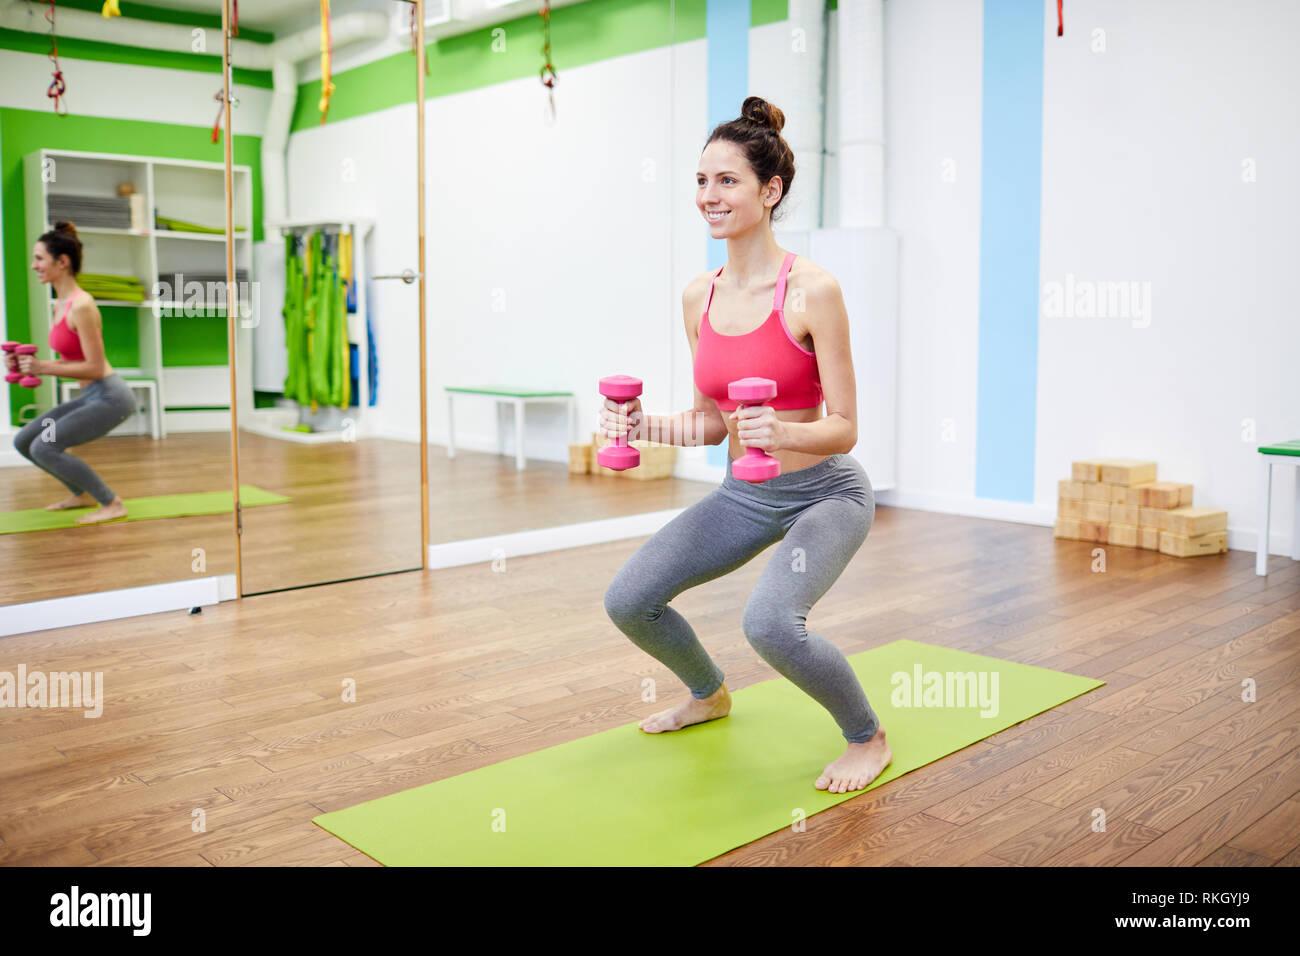 Trainieren Sie im Fitnessraum Stockbild